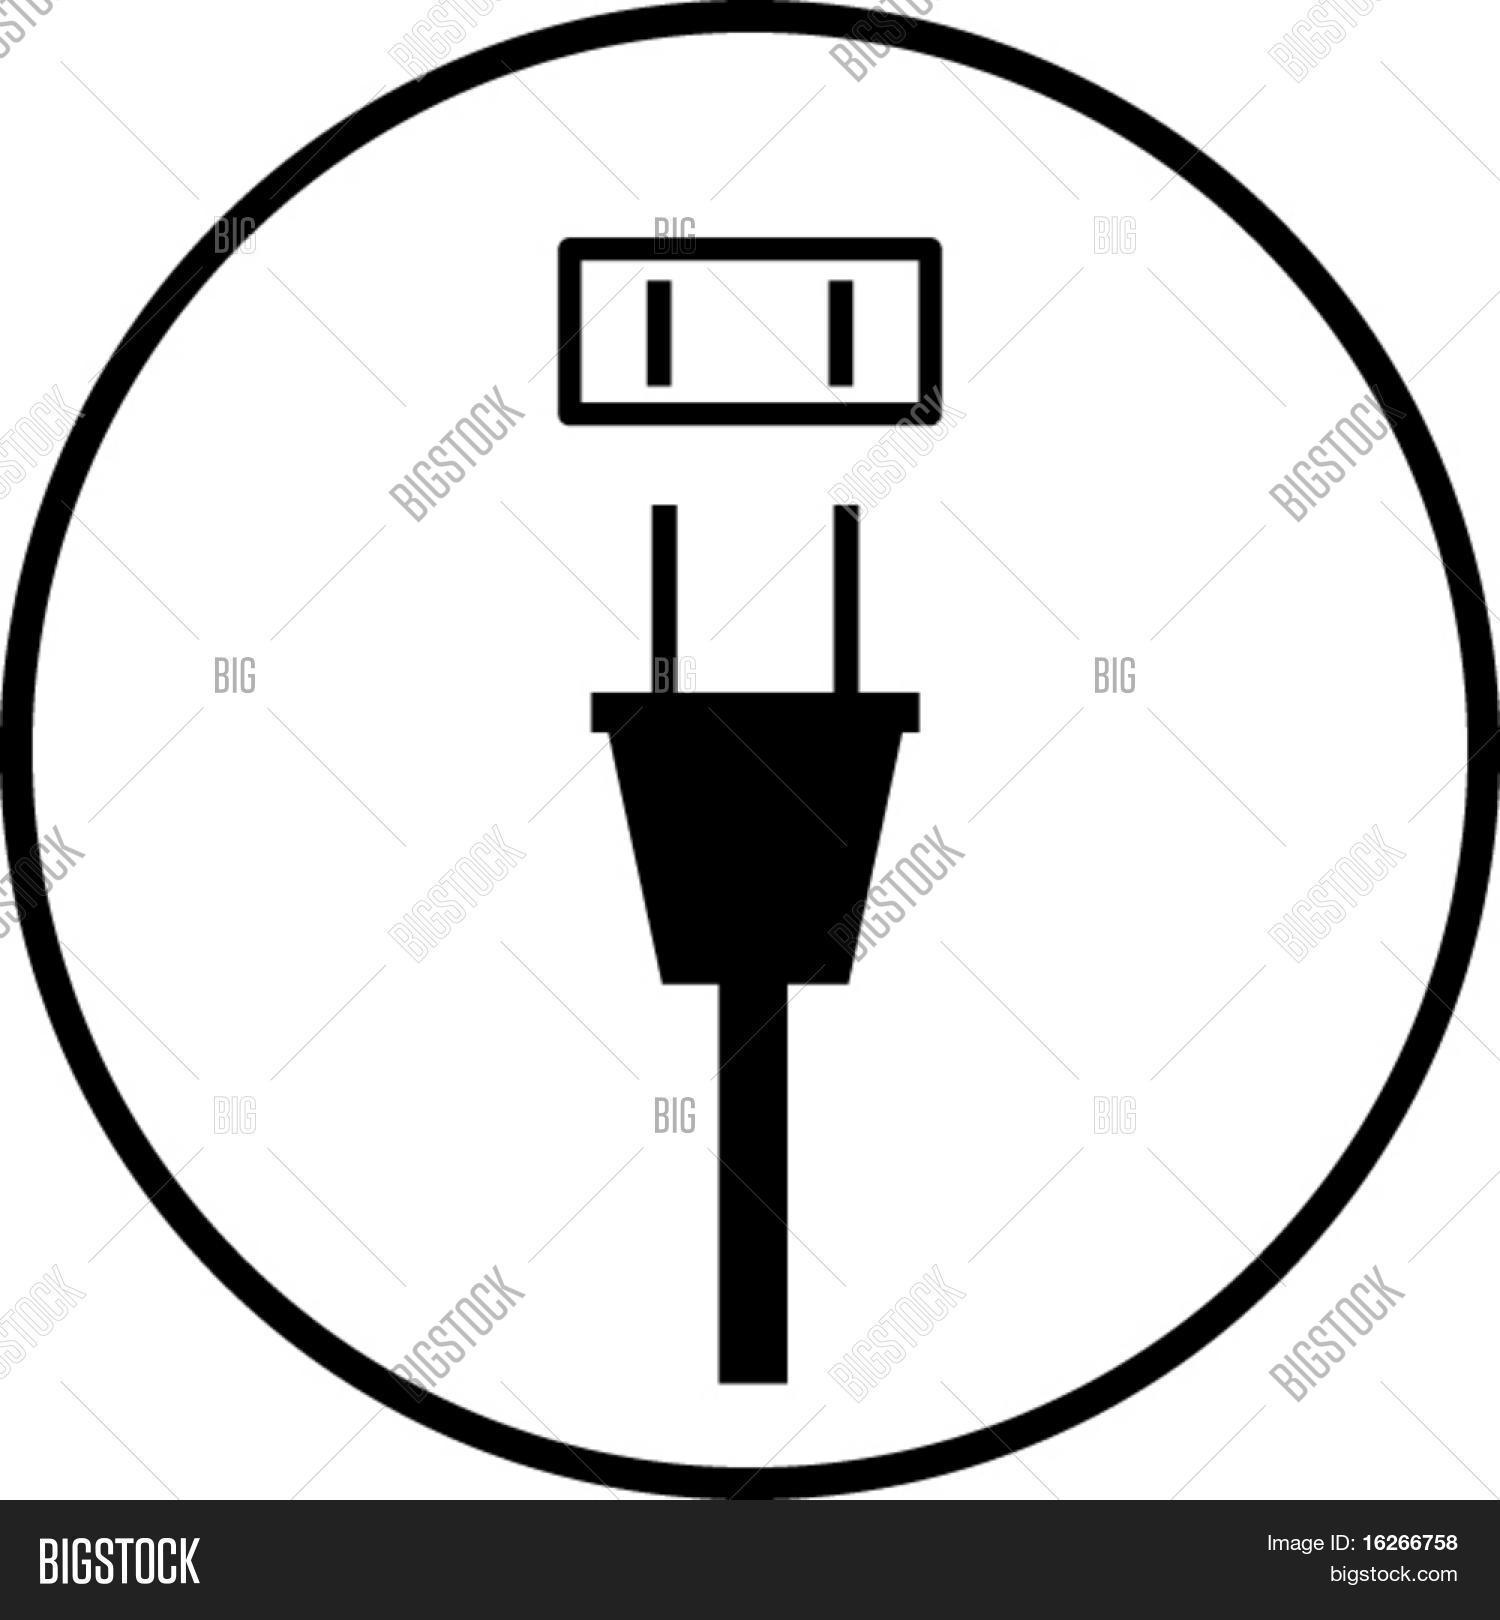 Plug Power Stock Quote: เวกเตอร์และภาพถ่าย (ทดลองใช้ฟรี)